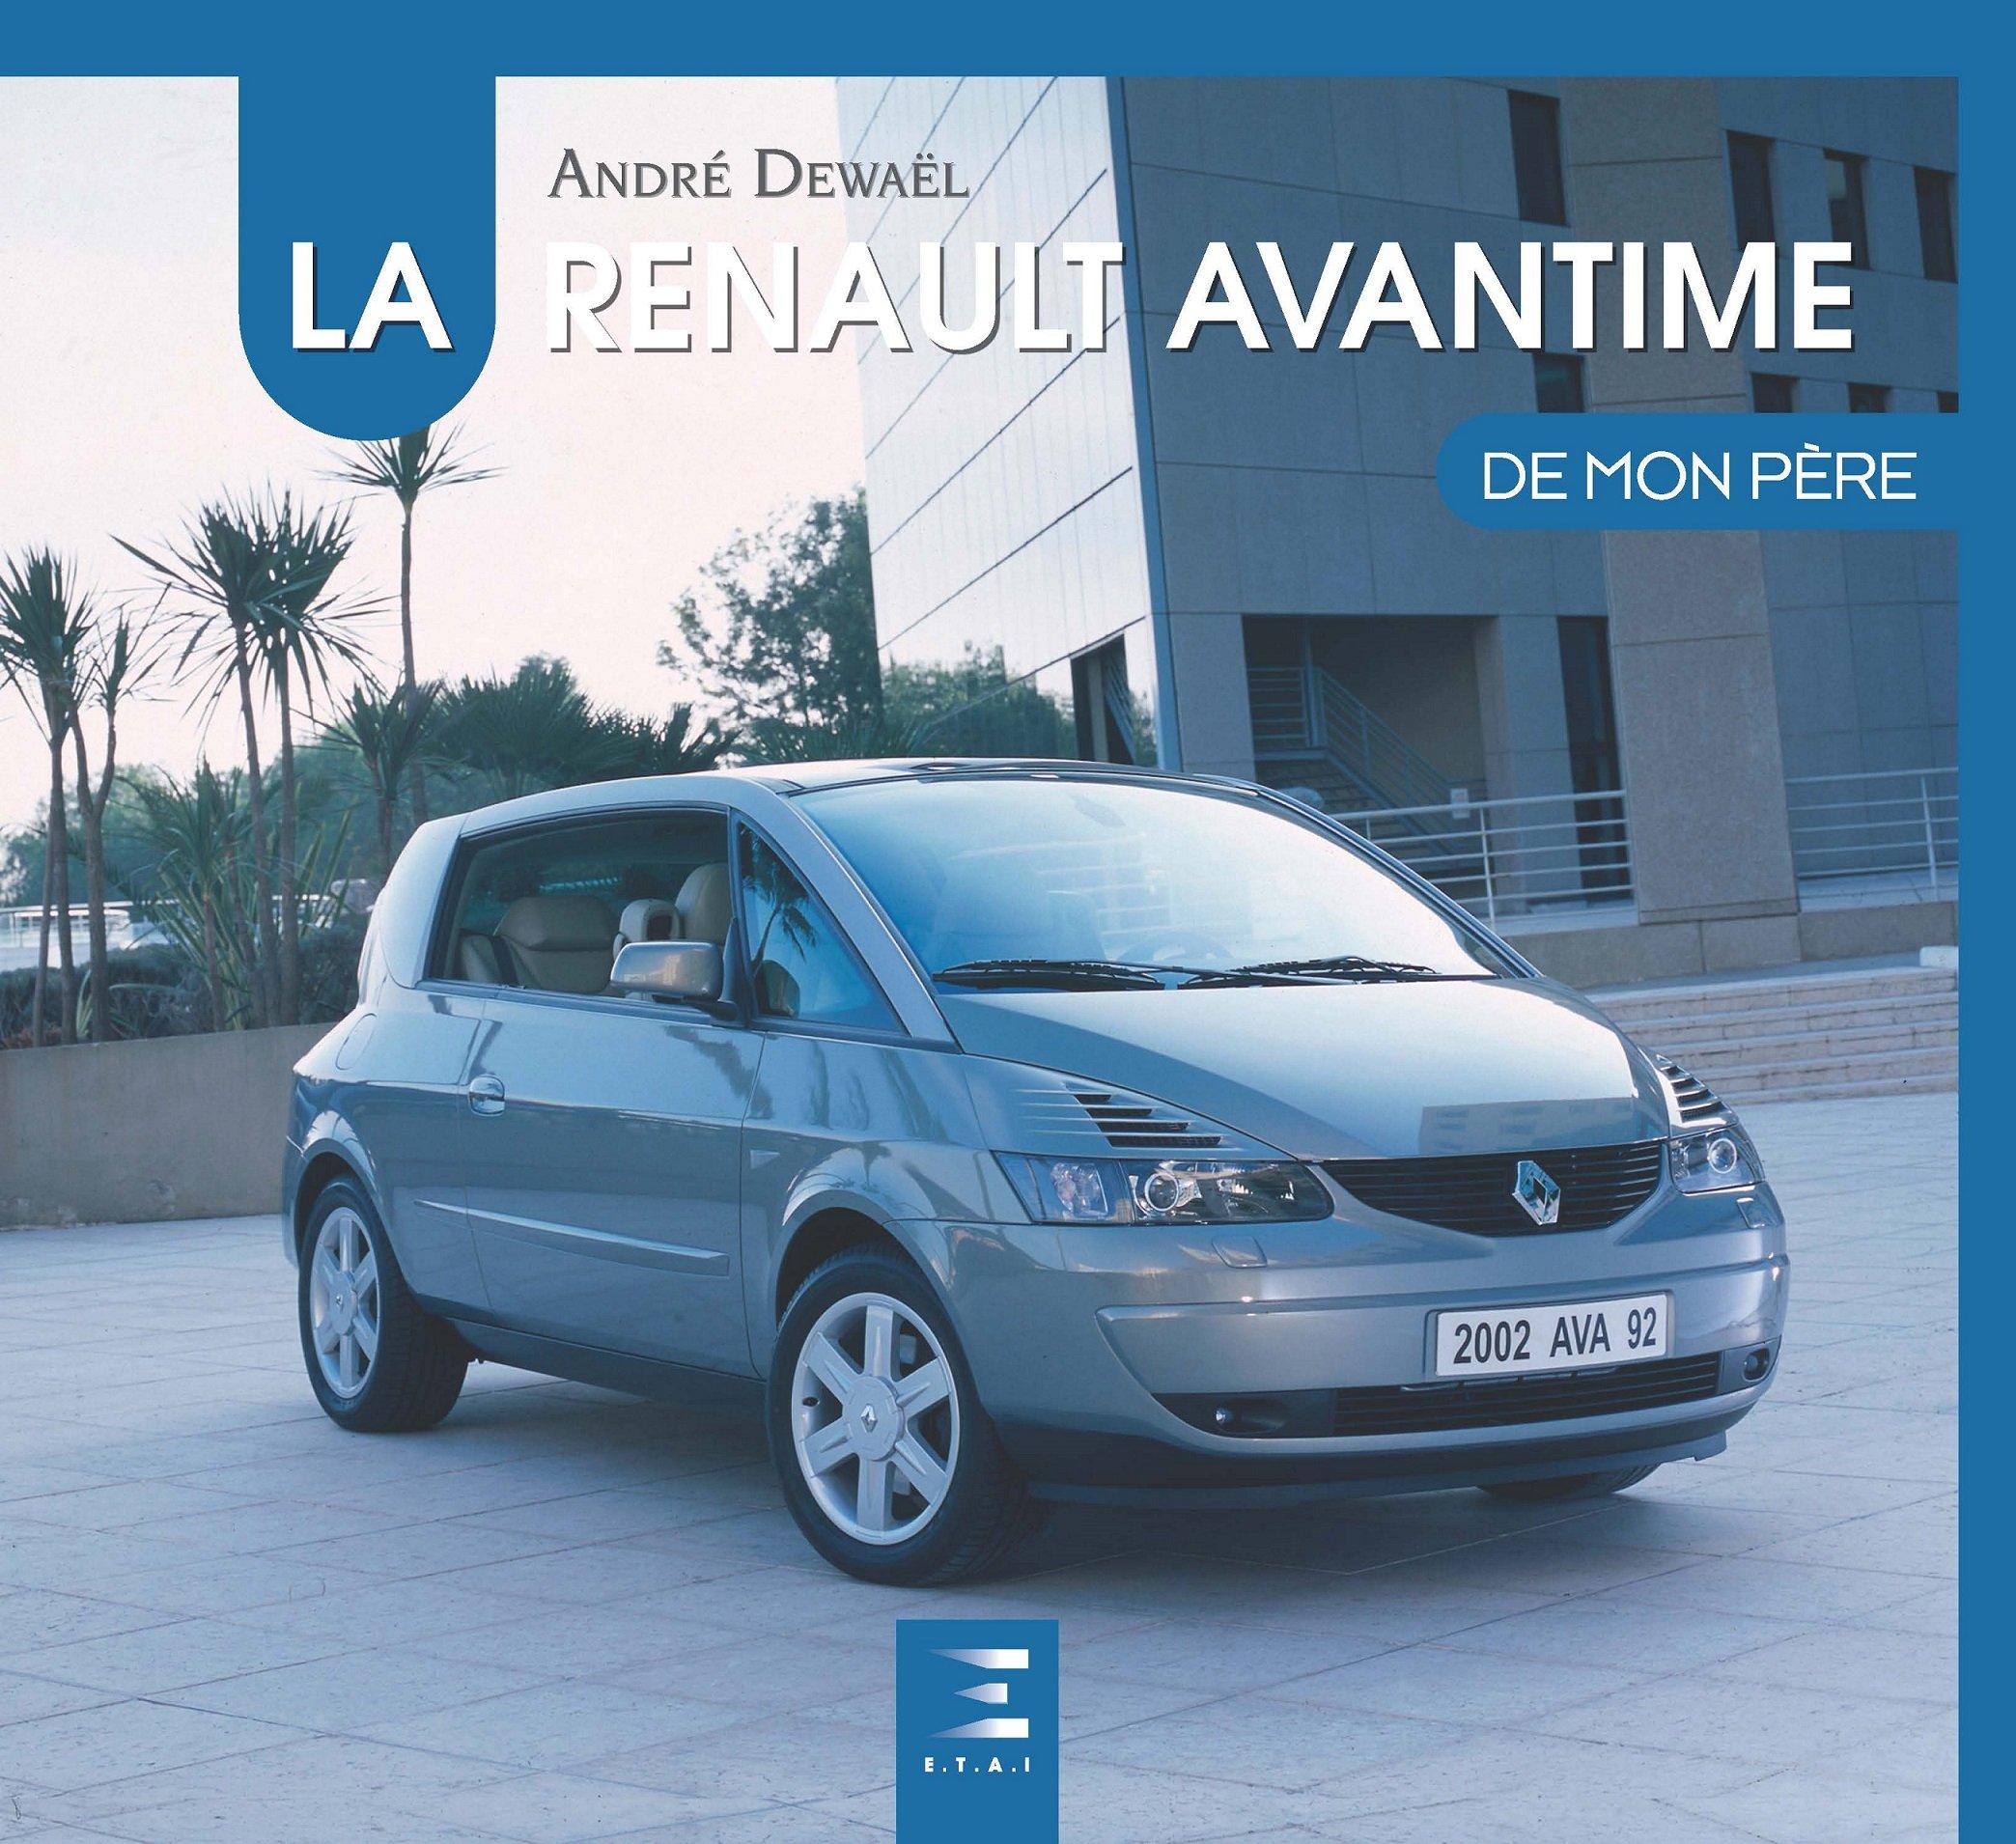 La Renault Avantime de mon père: Amazon.es: André Dewael, Jean-Luc Brossard: Libros en idiomas extranjeros